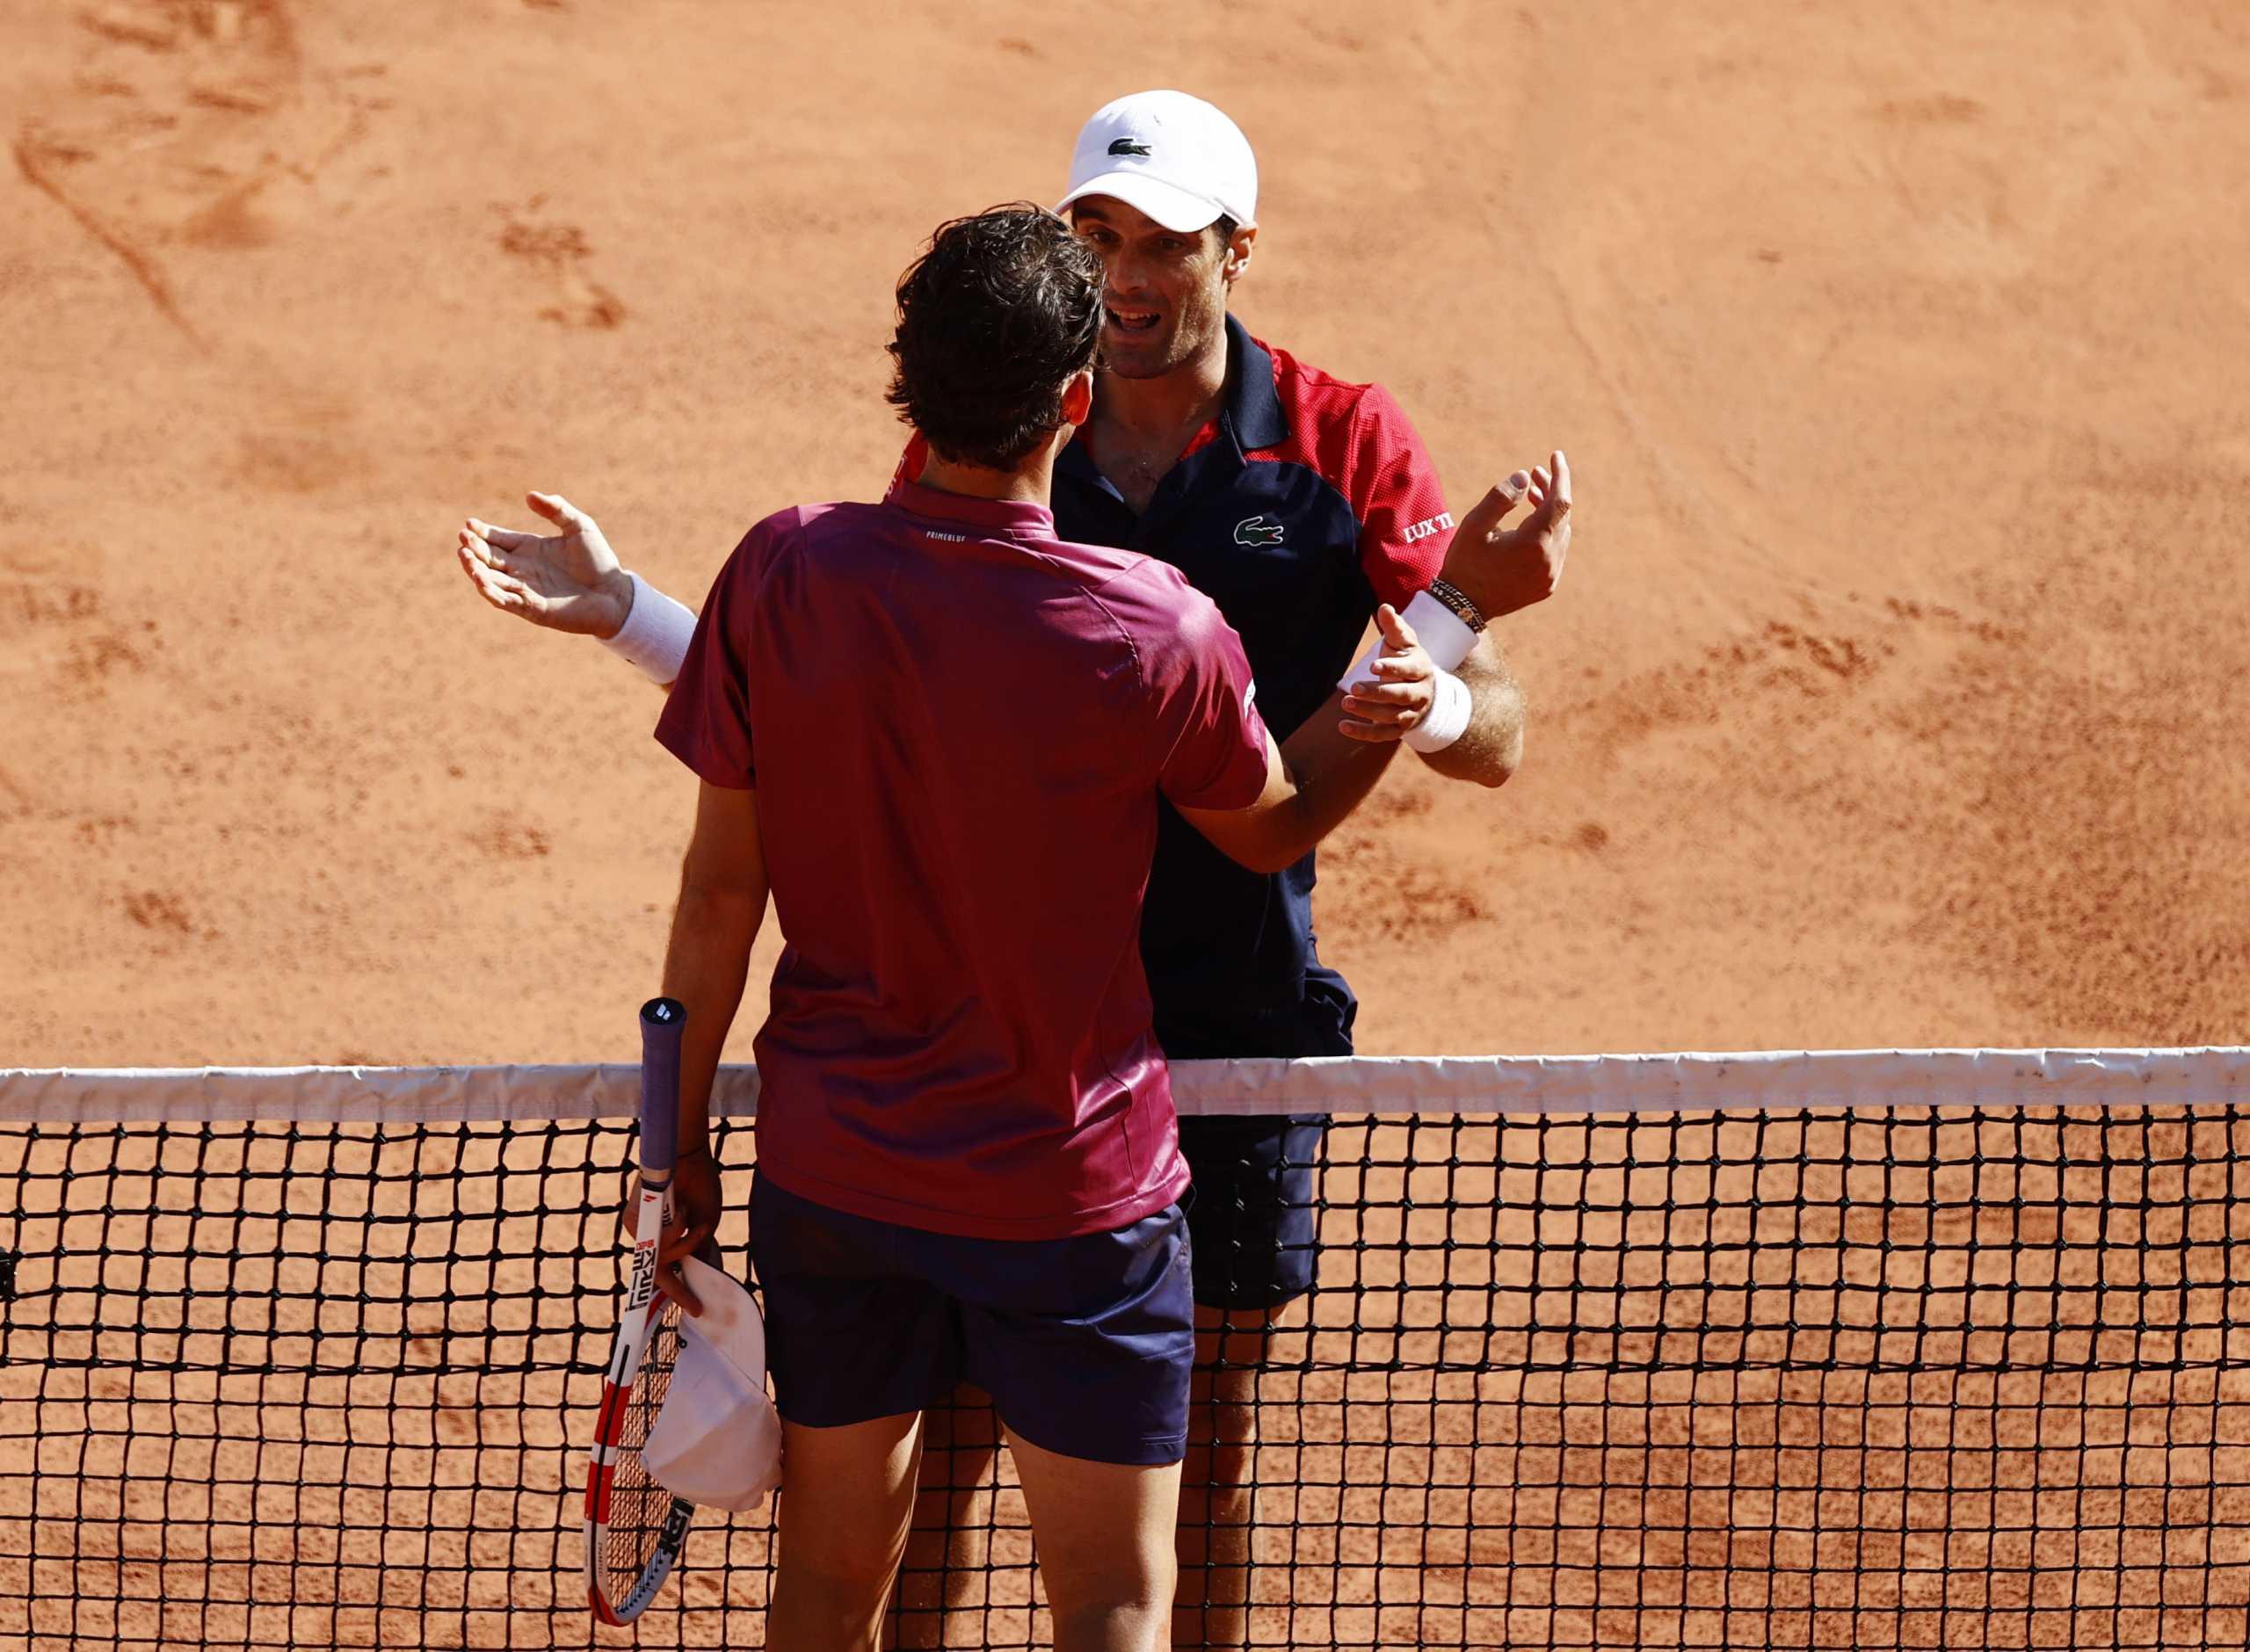 Roland Garros: Πρώτη τεράστια έκπληξη, αποκλείστηκε ο Τιμ